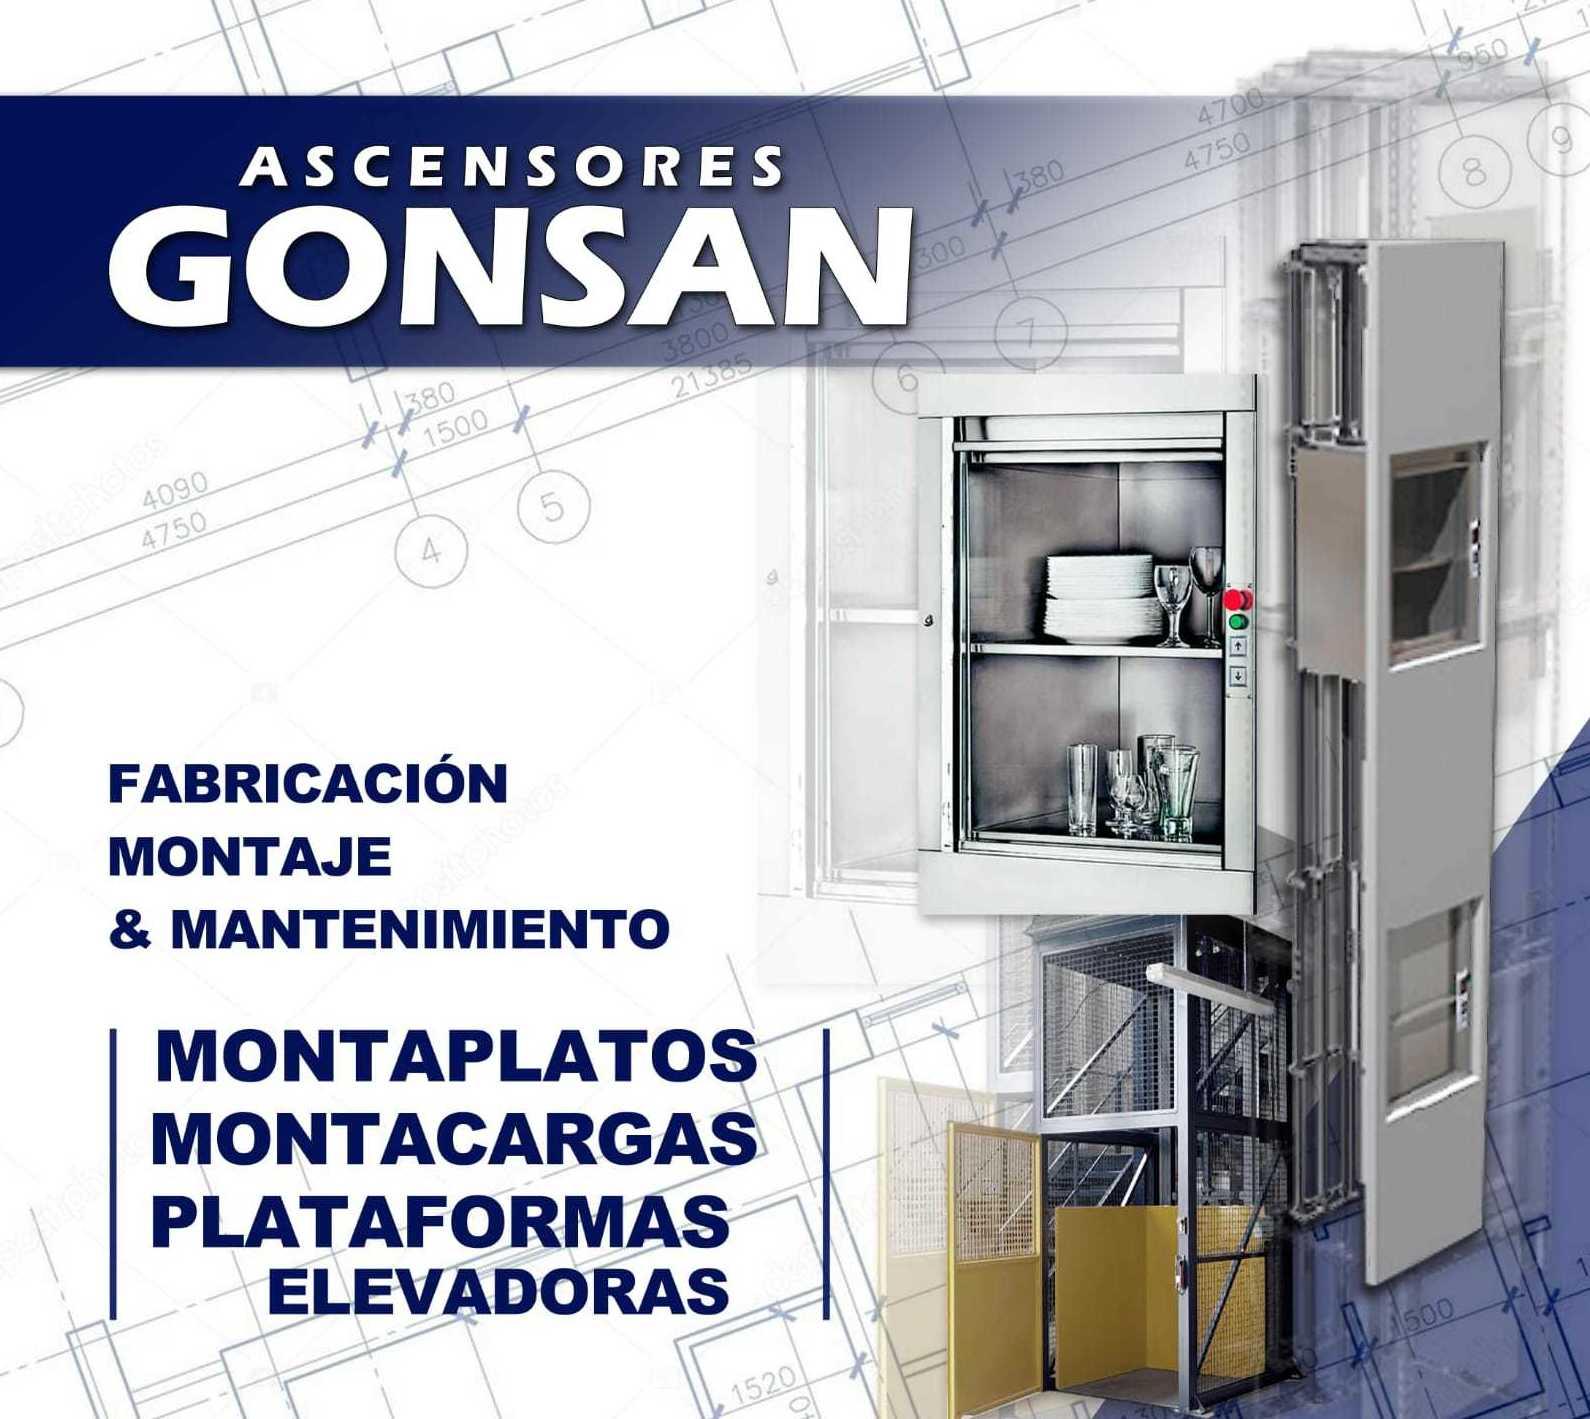 Foto 1 de Ascensores y montacargas en    ASCENSORES GONSAN